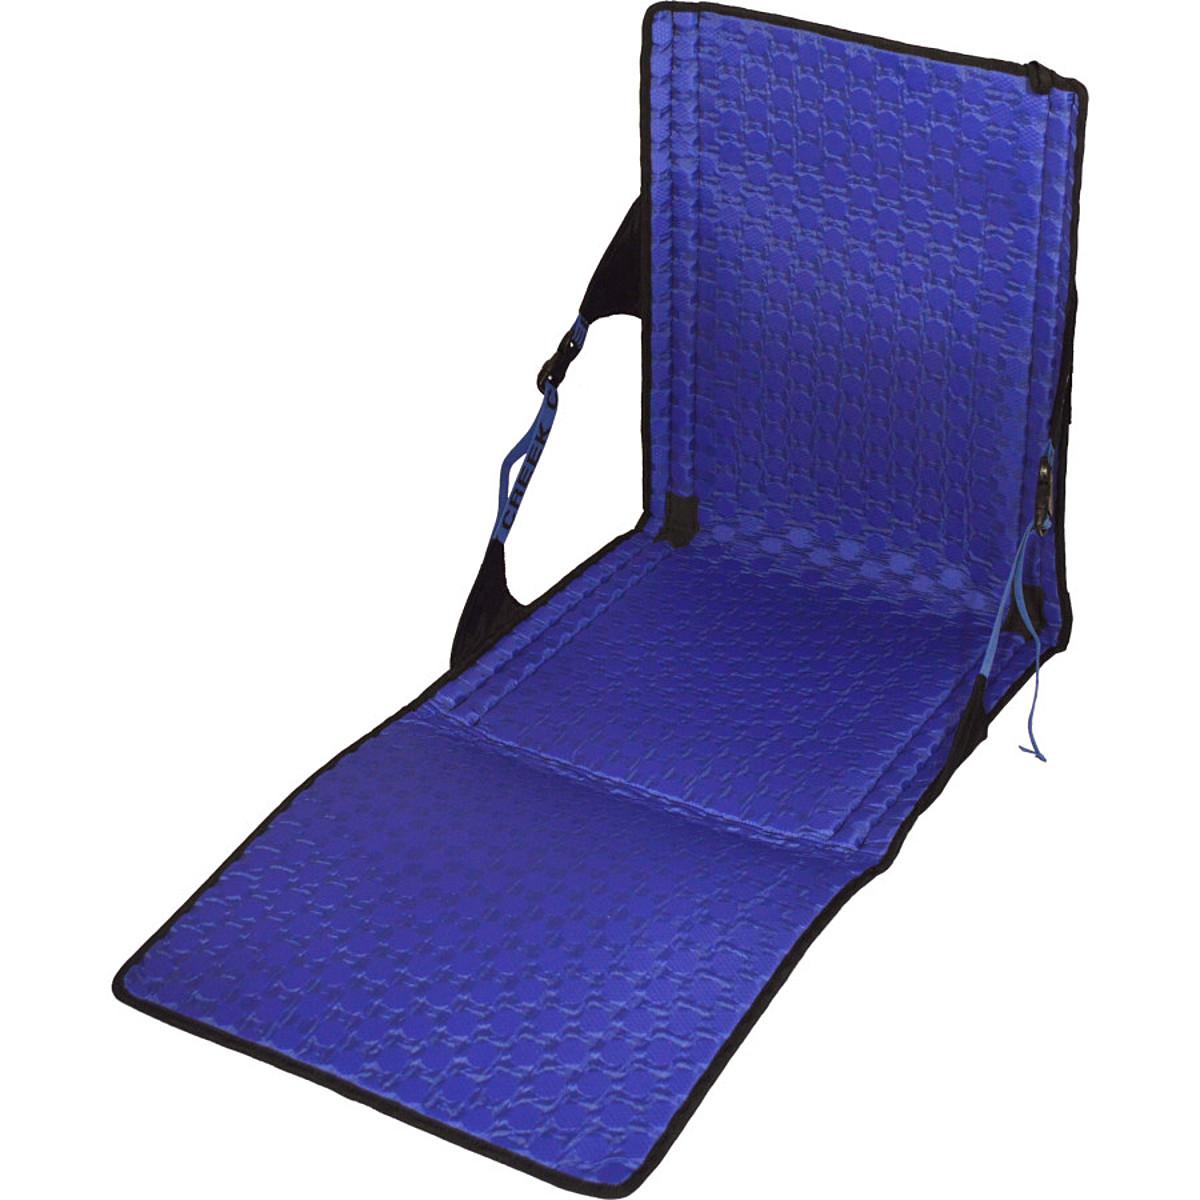 Crazy Creek Hex 2.0 PowerLounger Camp Chair